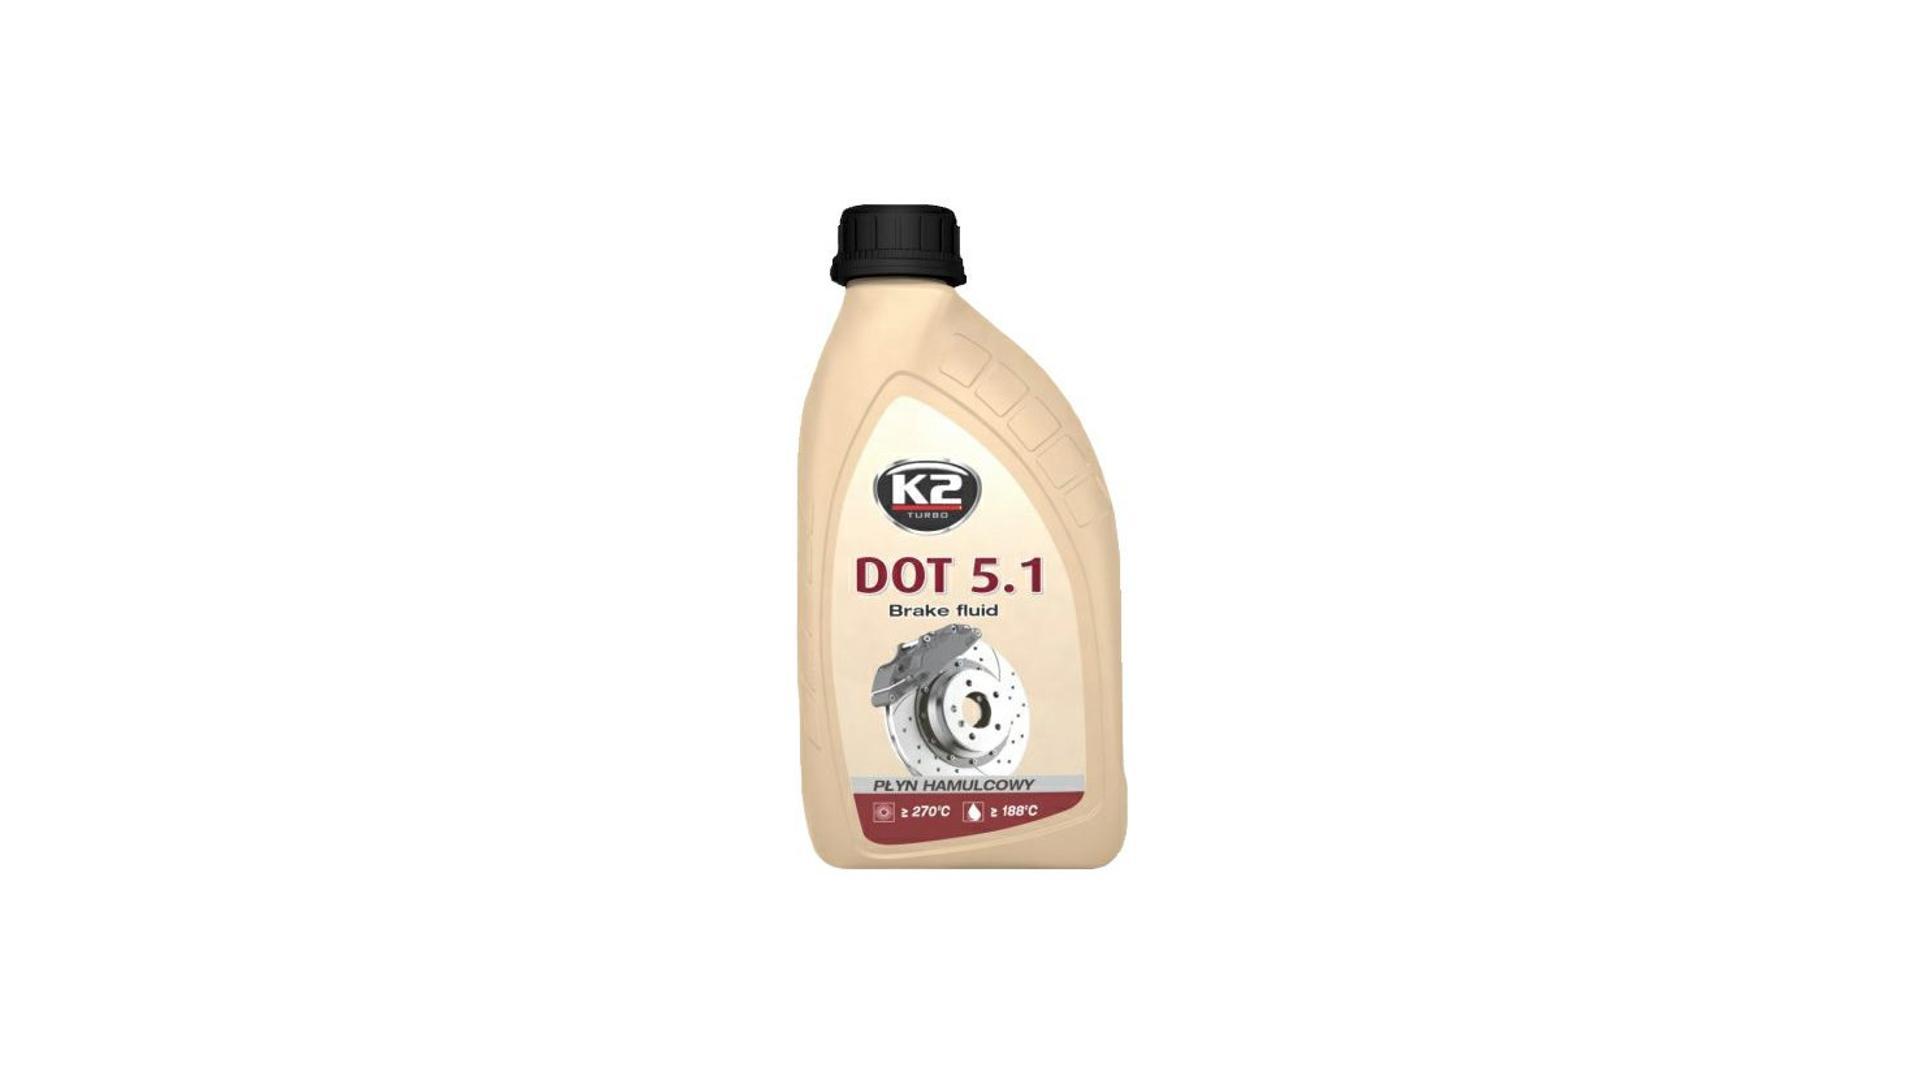 K2 DOT 5.1 - 500 g - brzdová kvapalina